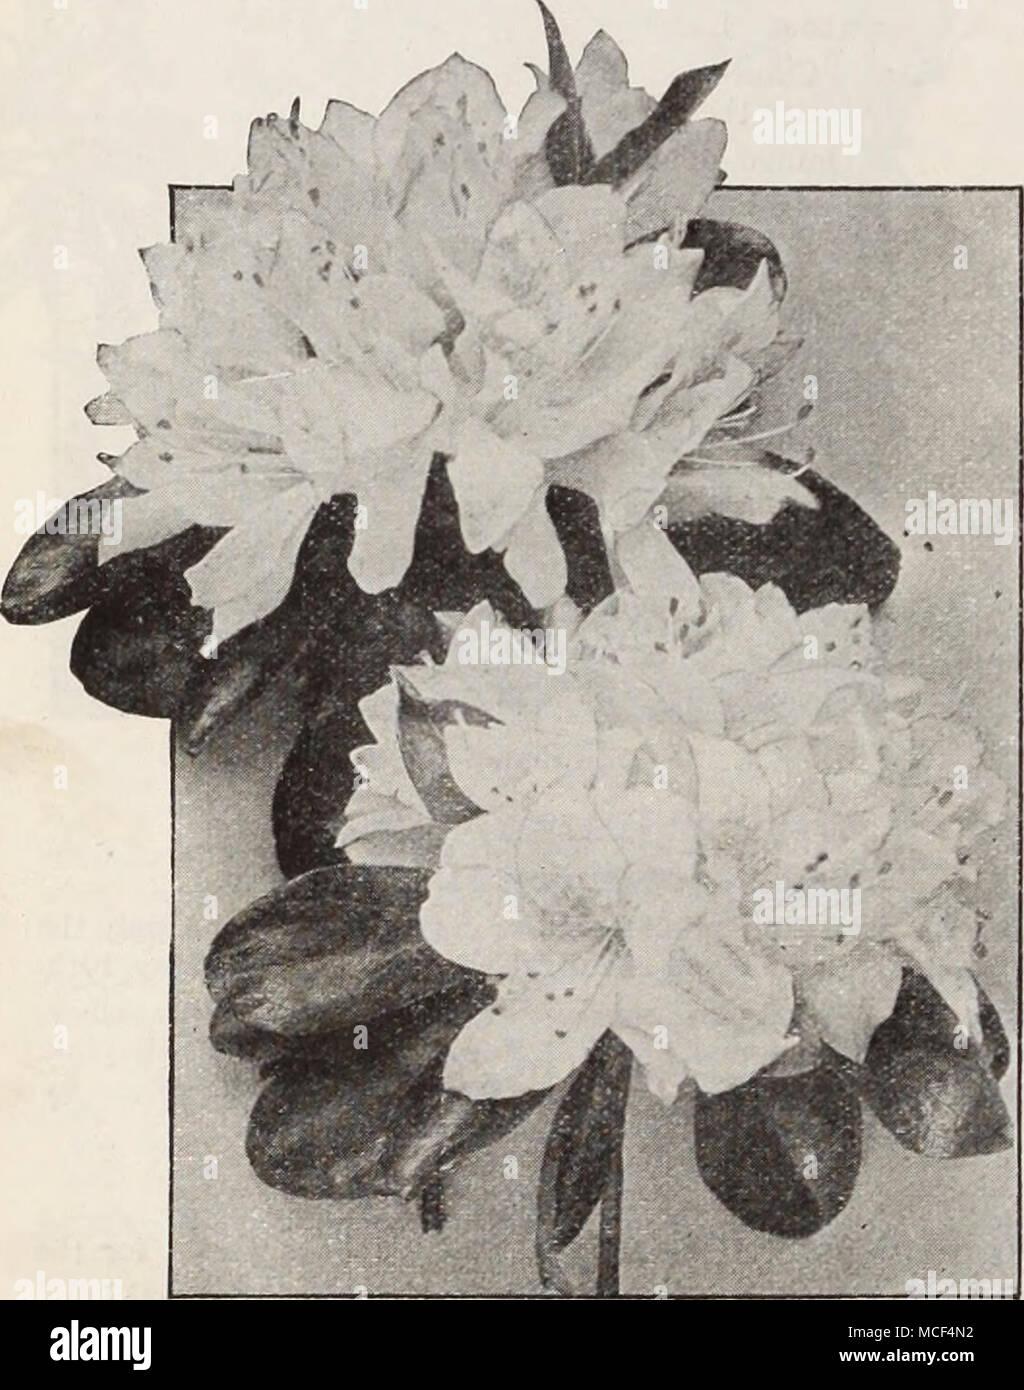 Azalea Kurume Japanese Kurume Azaleas These Are Most Valuable